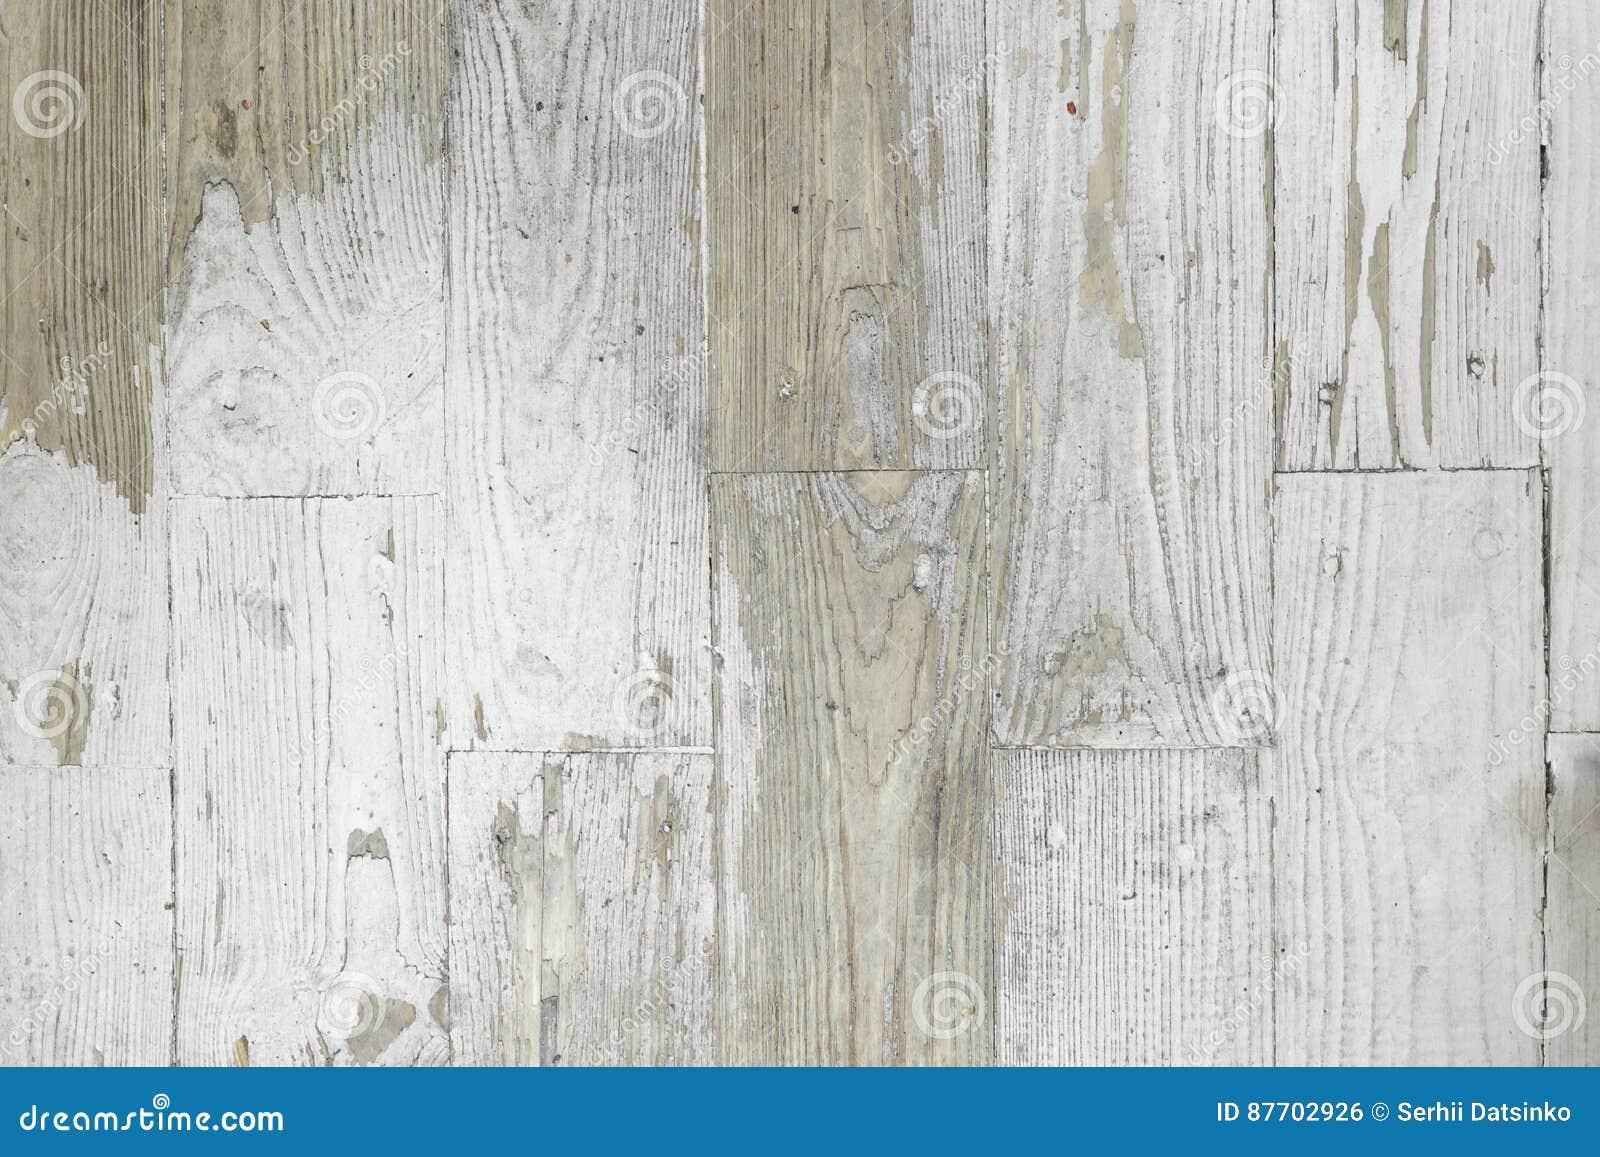 Fond grunge de texture en bois blanche peinte superficielle par les agents de planche